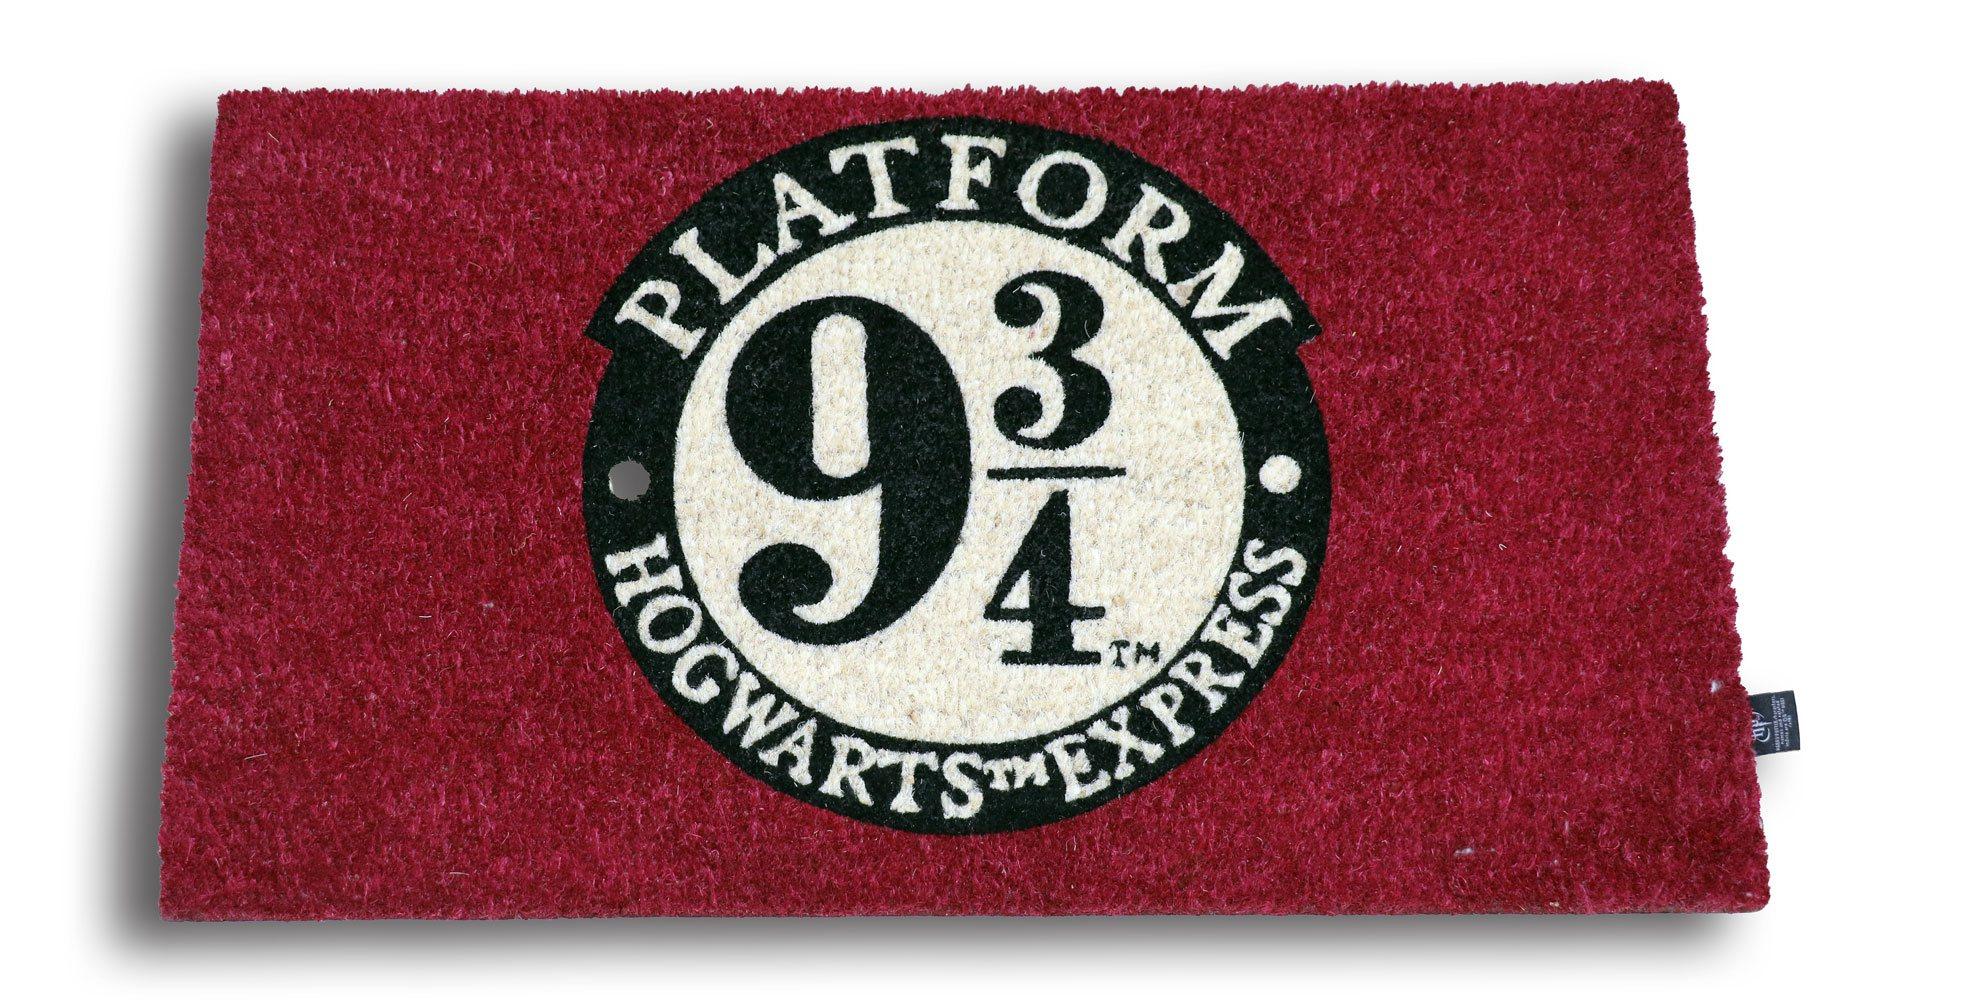 Harry Potter Doormat Platform 9 3/4 43 x 72 cm